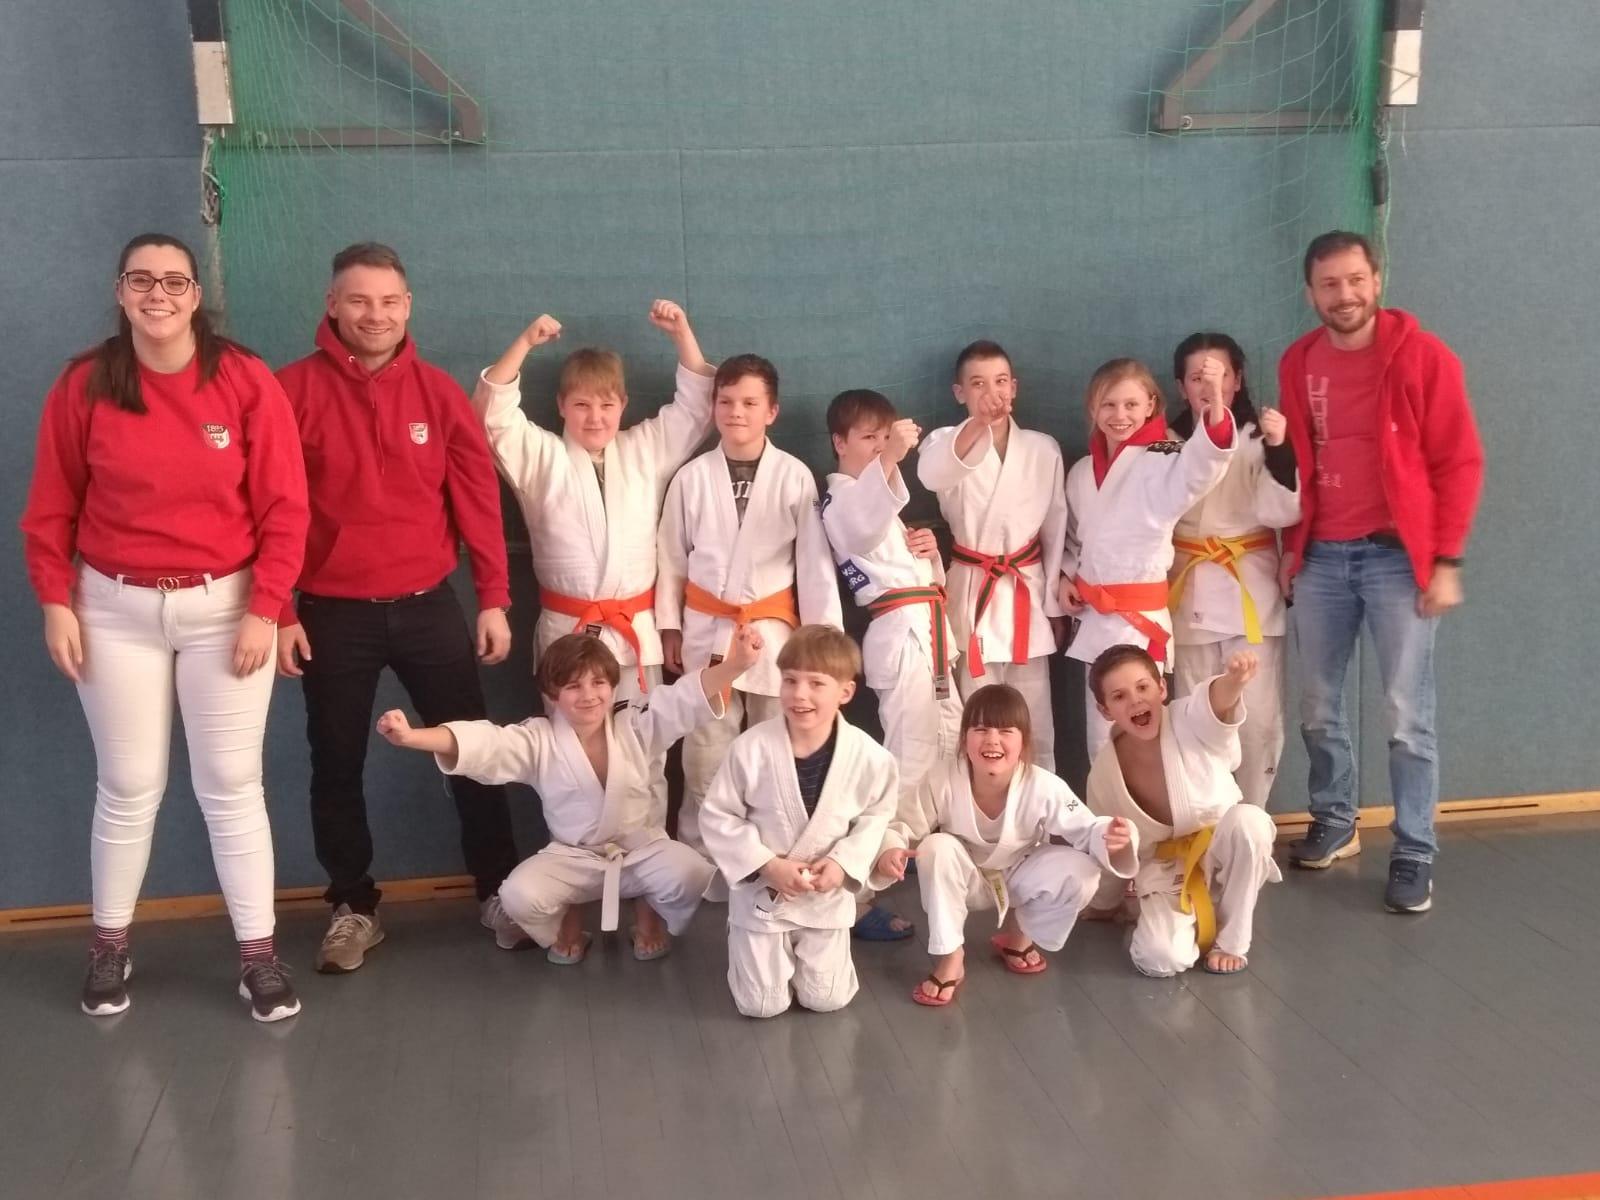 Die Judoka des FSV freuen sich über den Erfolg